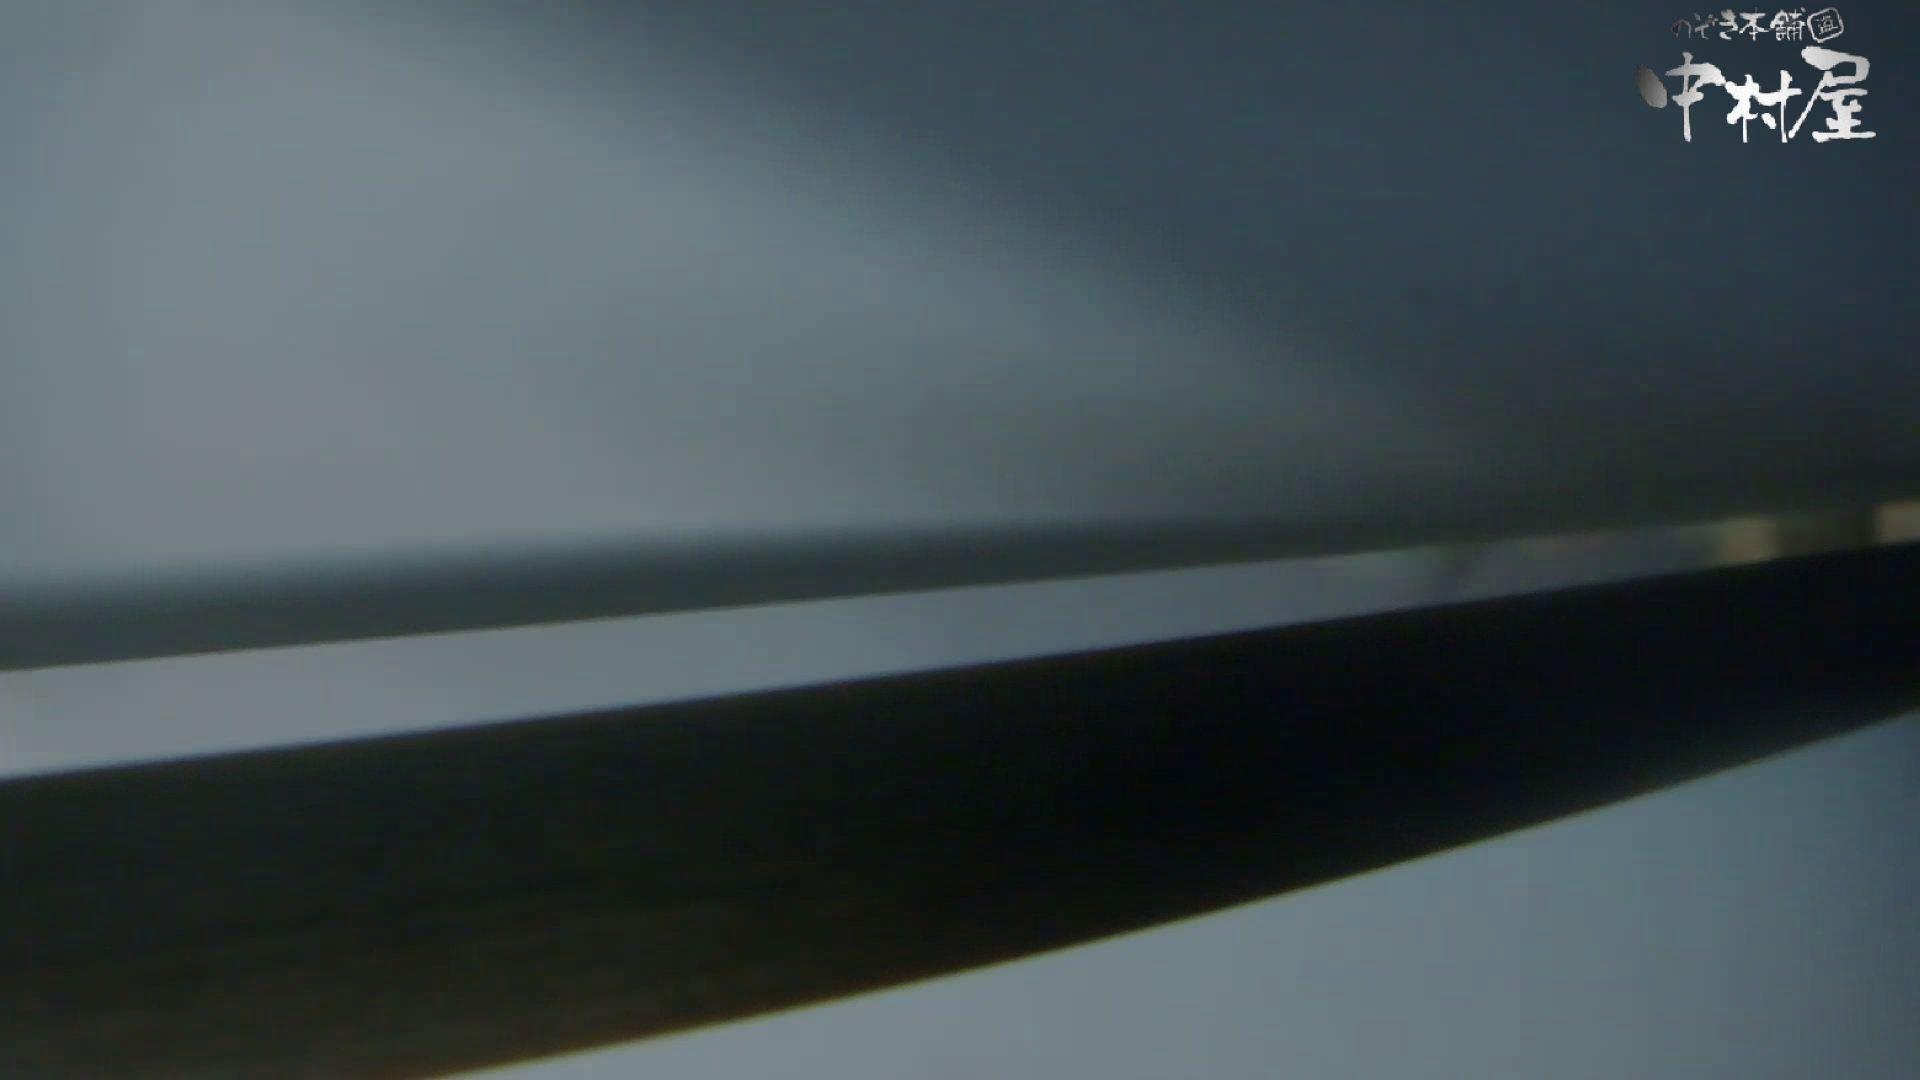 【美人が集まるファッションショッピングセンター洗面所盗SATU】ギャルのツルピカ潜入盗satu!Vol.10 高画質 隠し撮りおまんこ動画流出 103画像 44